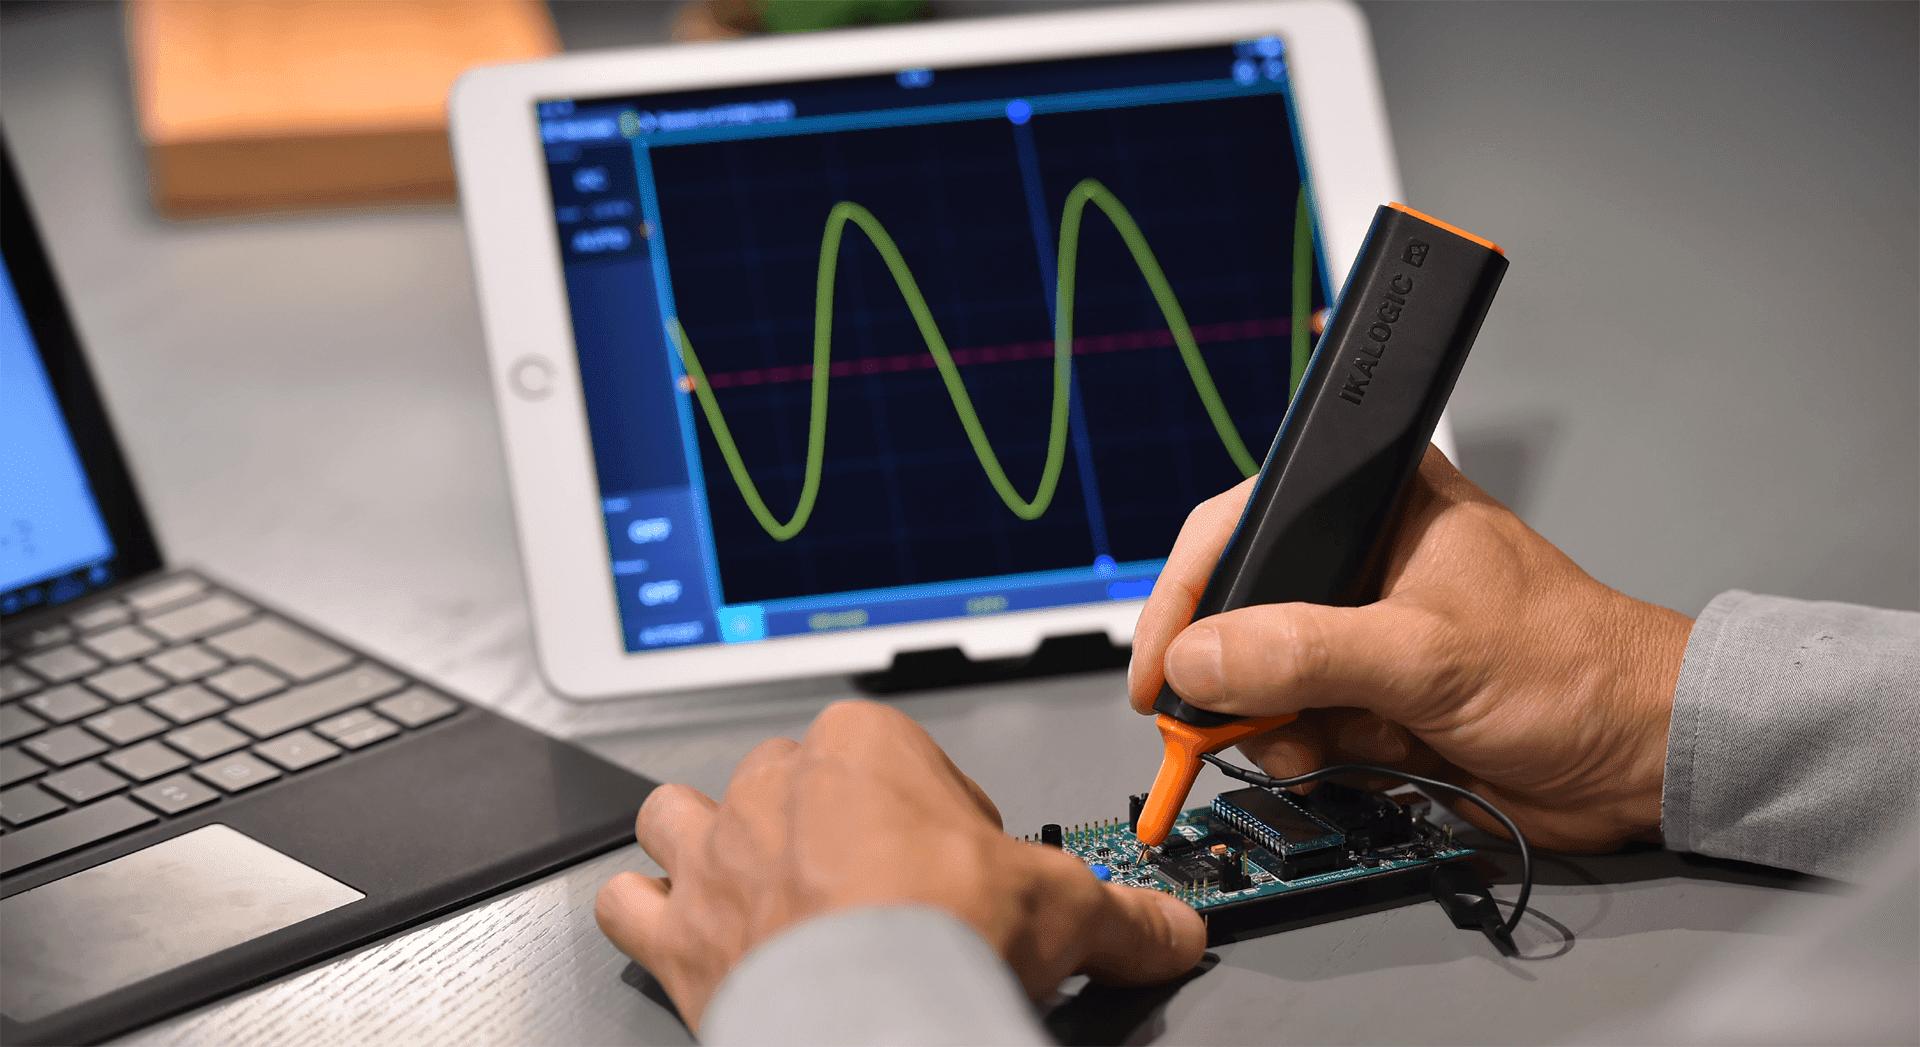 ikalogic-ikascope-ws200-portable-wireless-oscilloscope